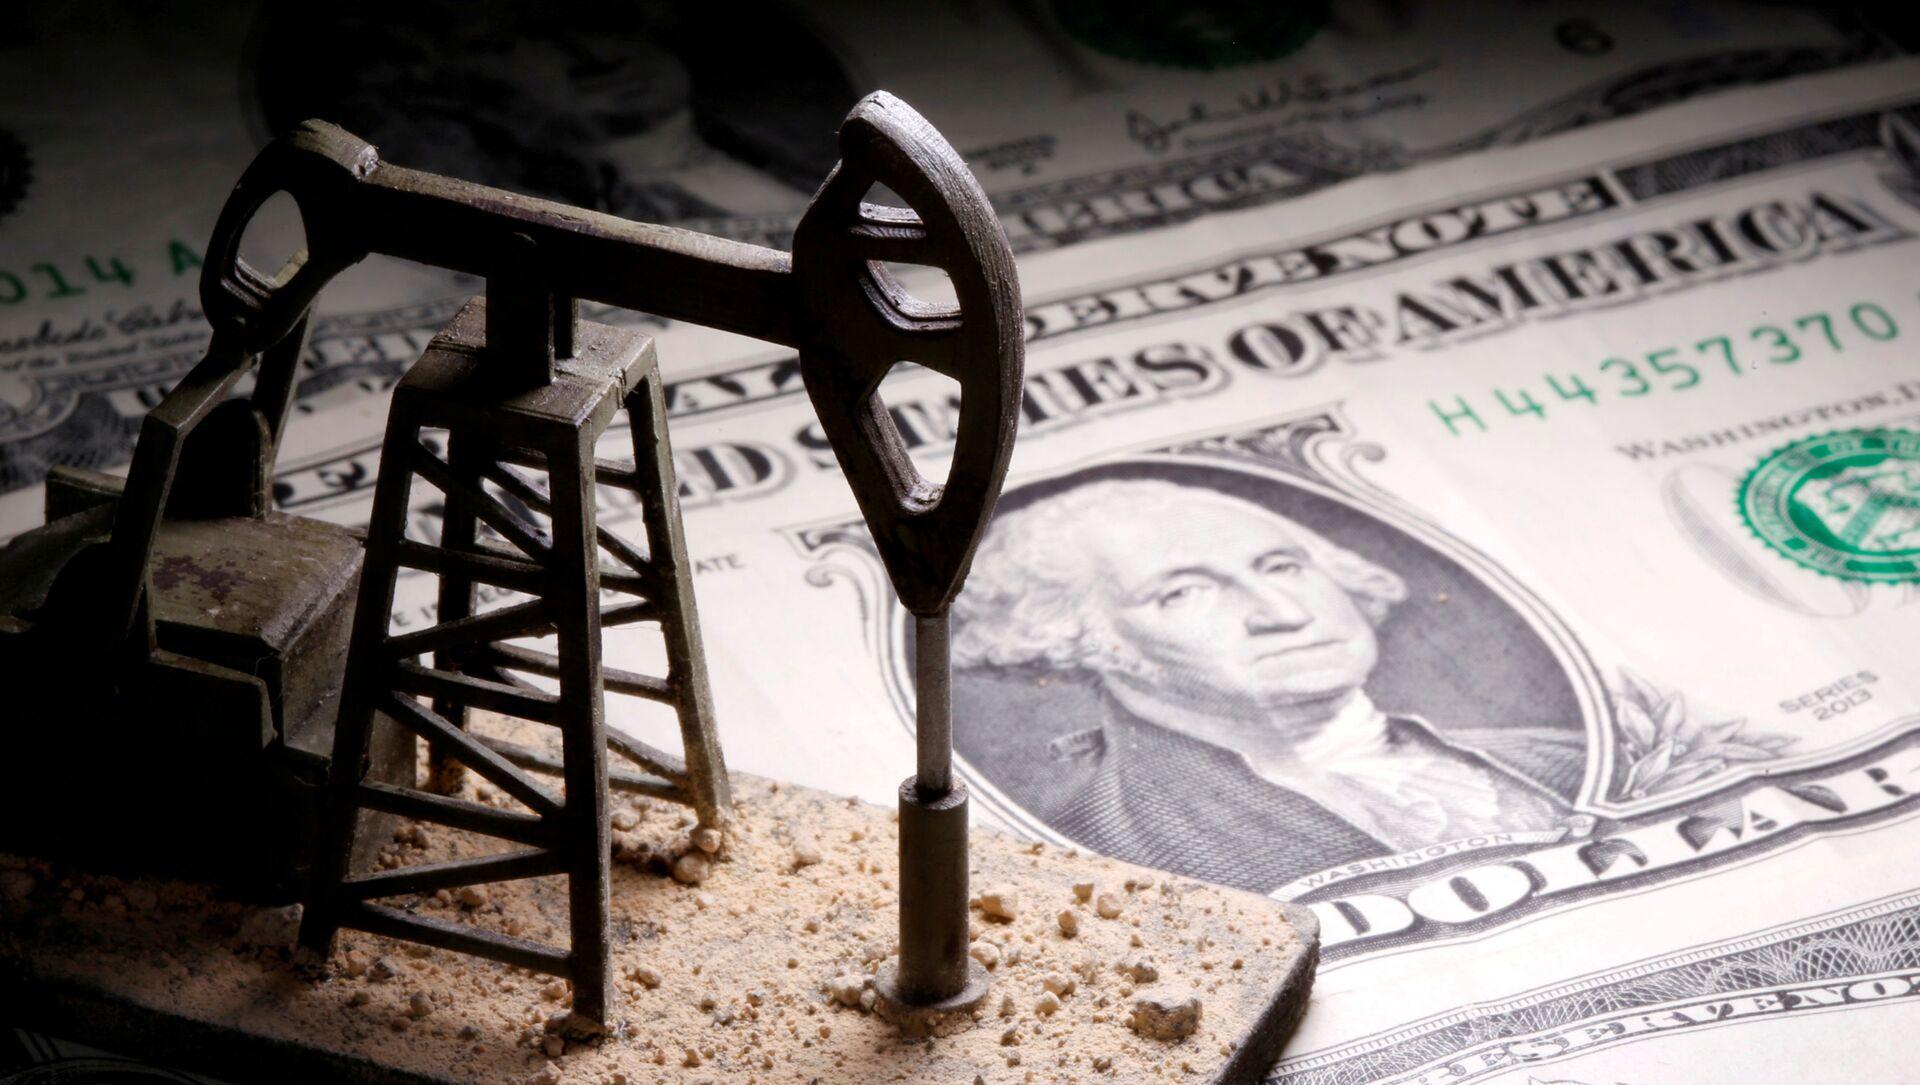 Una plataforma petrolera que fue impremida por una impresora 3D  y colocada sobre unos billetes de dólar  - Sputnik Mundo, 1920, 01.02.2021